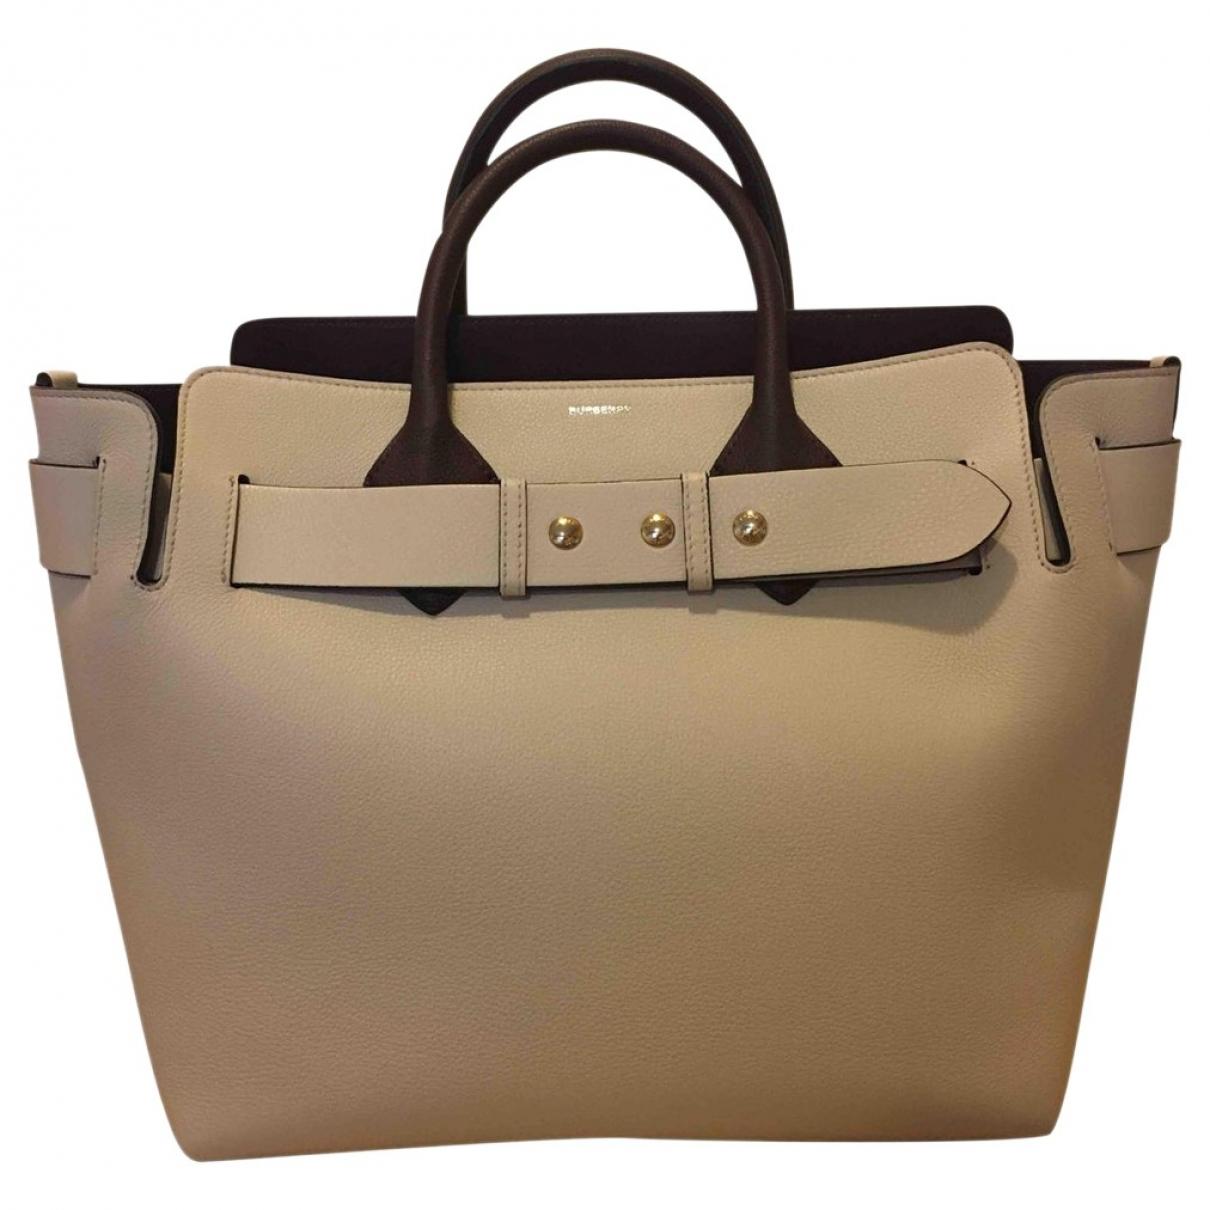 Burberry The Belt Handtasche in  Beige Leder